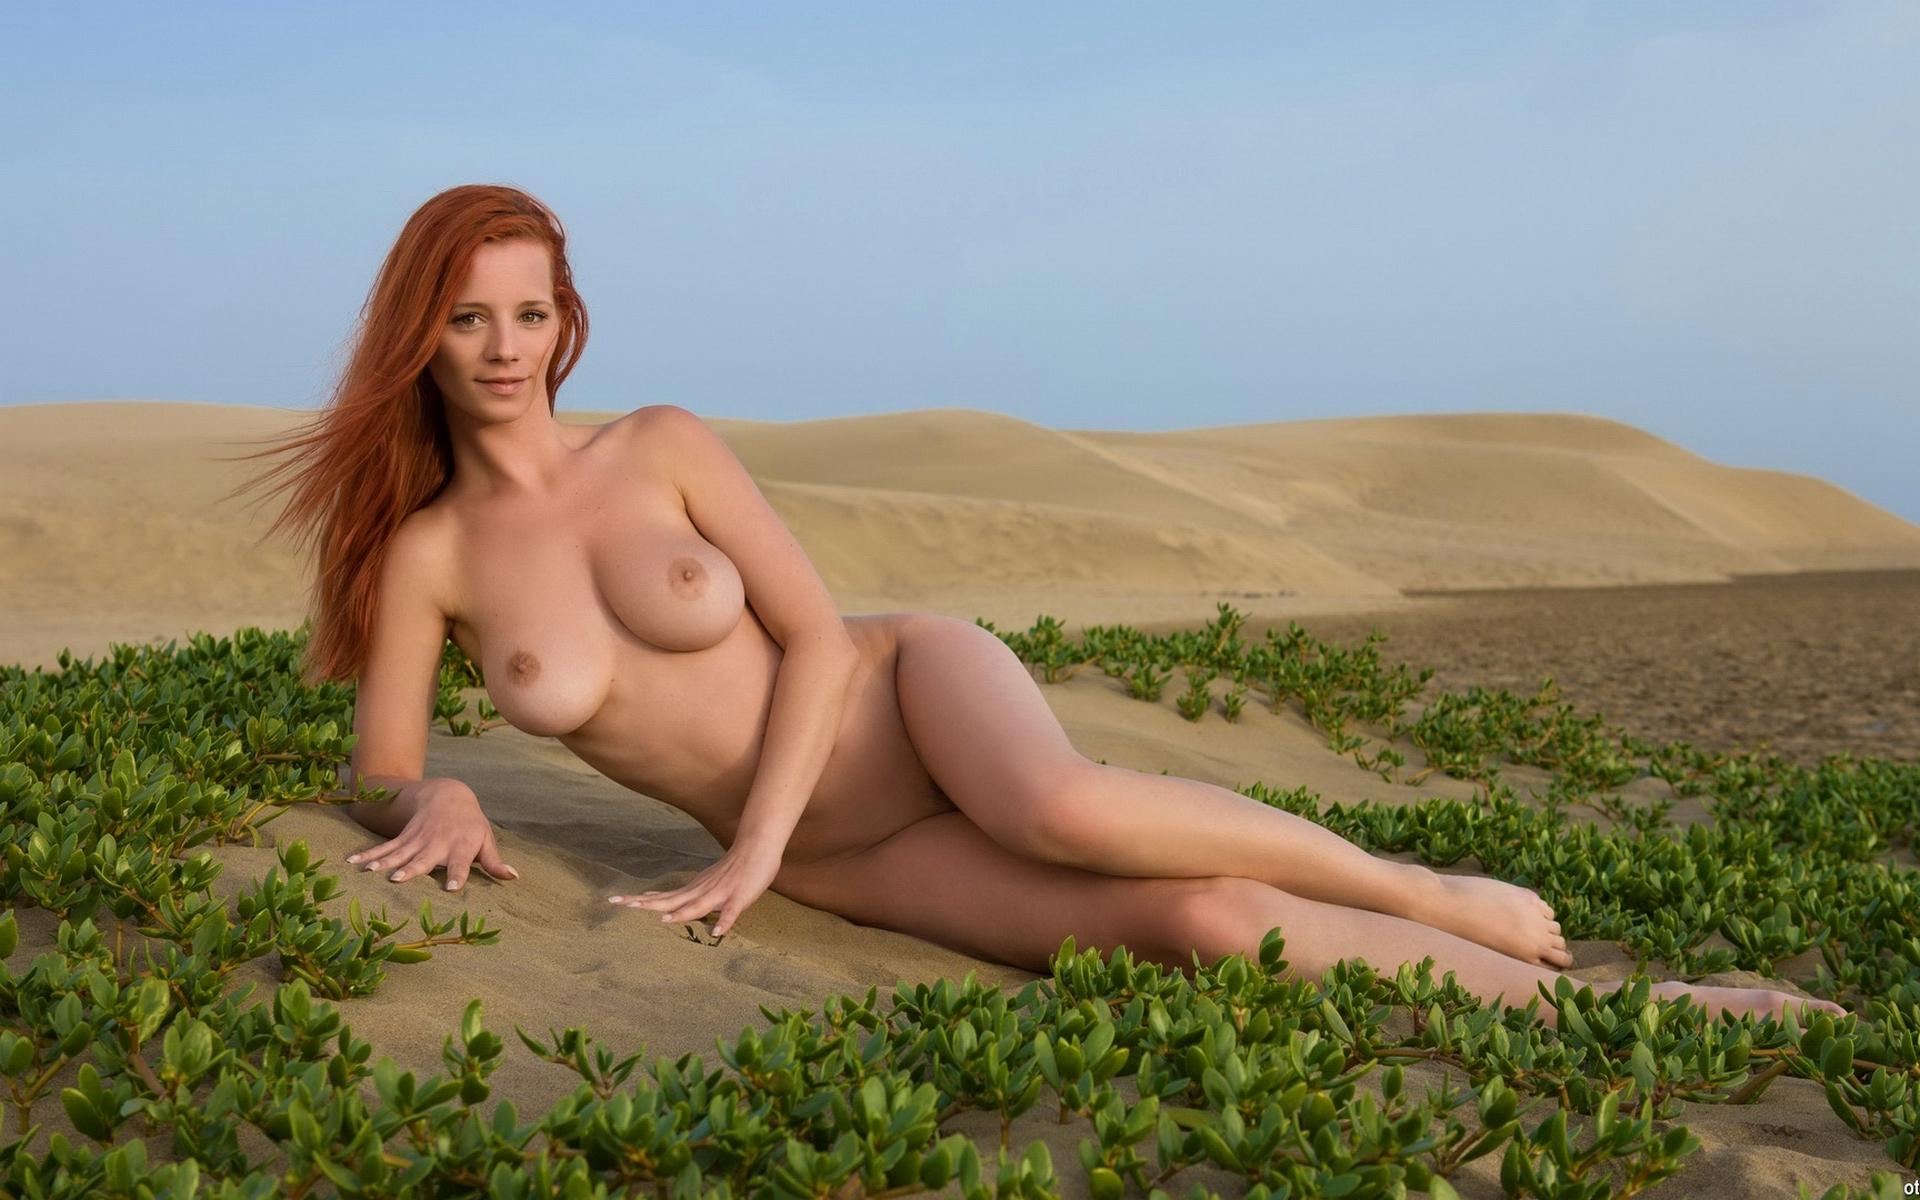 Фото голышом девочек, Эро, секс фото и картинки голые девушки, женщины 26 фотография